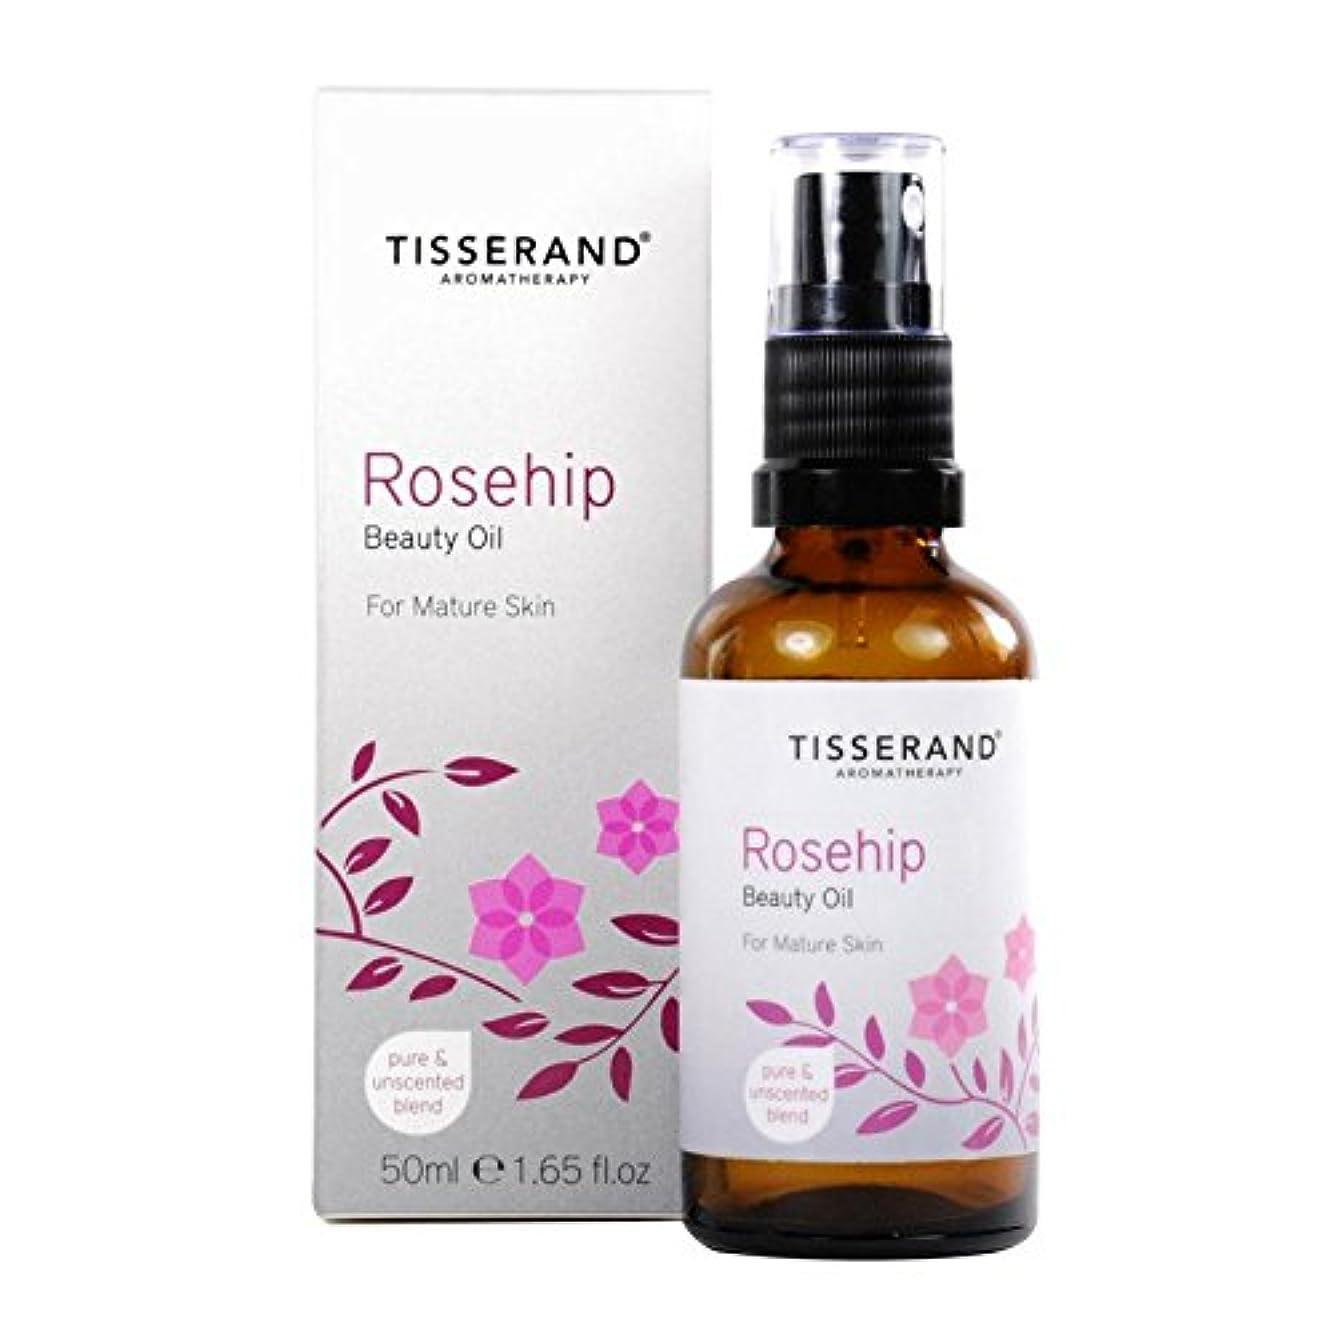 前部ゲートウェイ良心ティスランドローズヒップ美容オイル50ミリリットル x2 - Tisserand Rosehip Beauty Oil 50ml (Pack of 2) [並行輸入品]